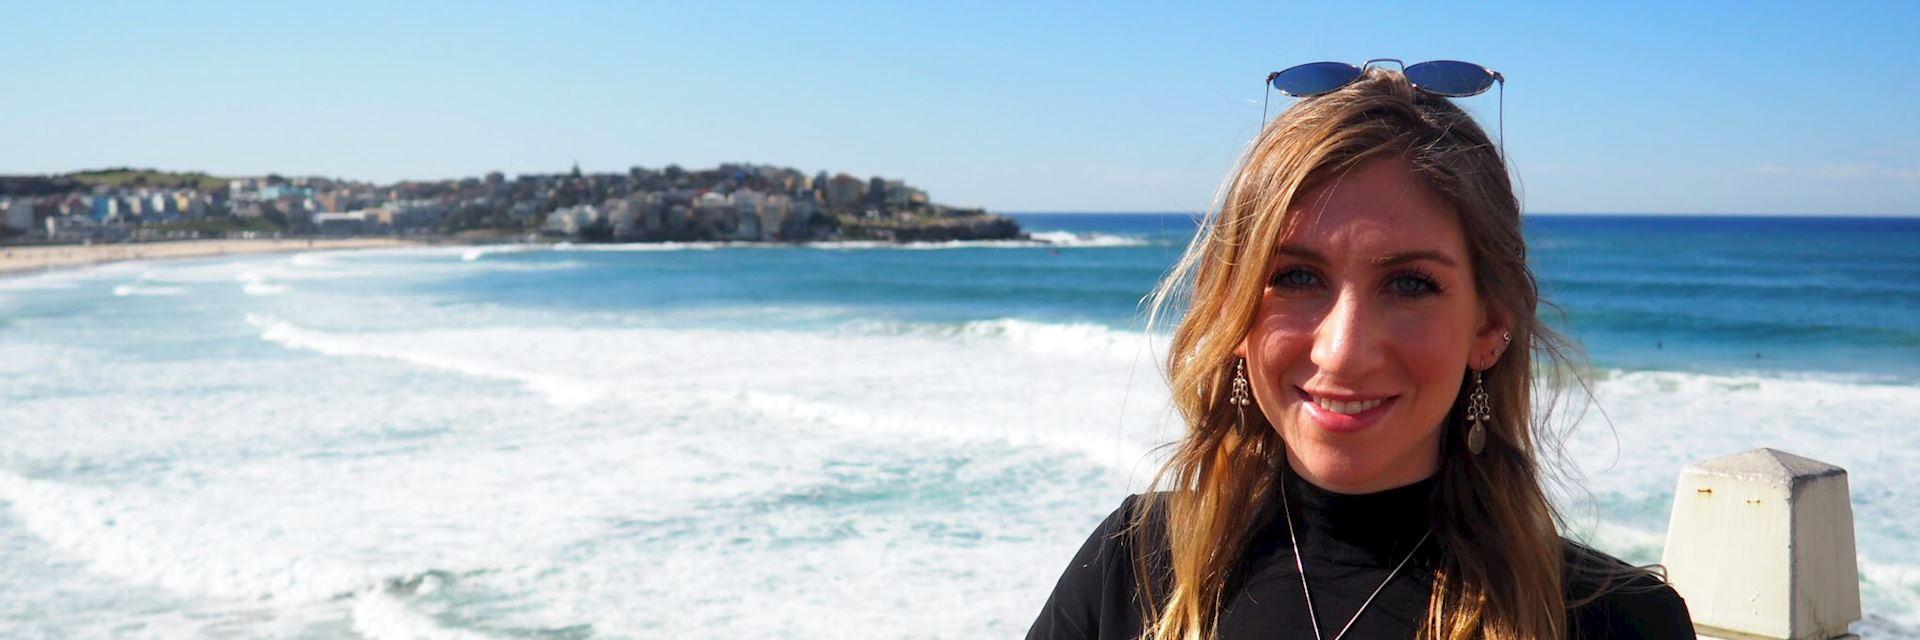 Jenna on Bondi Beach, Australia